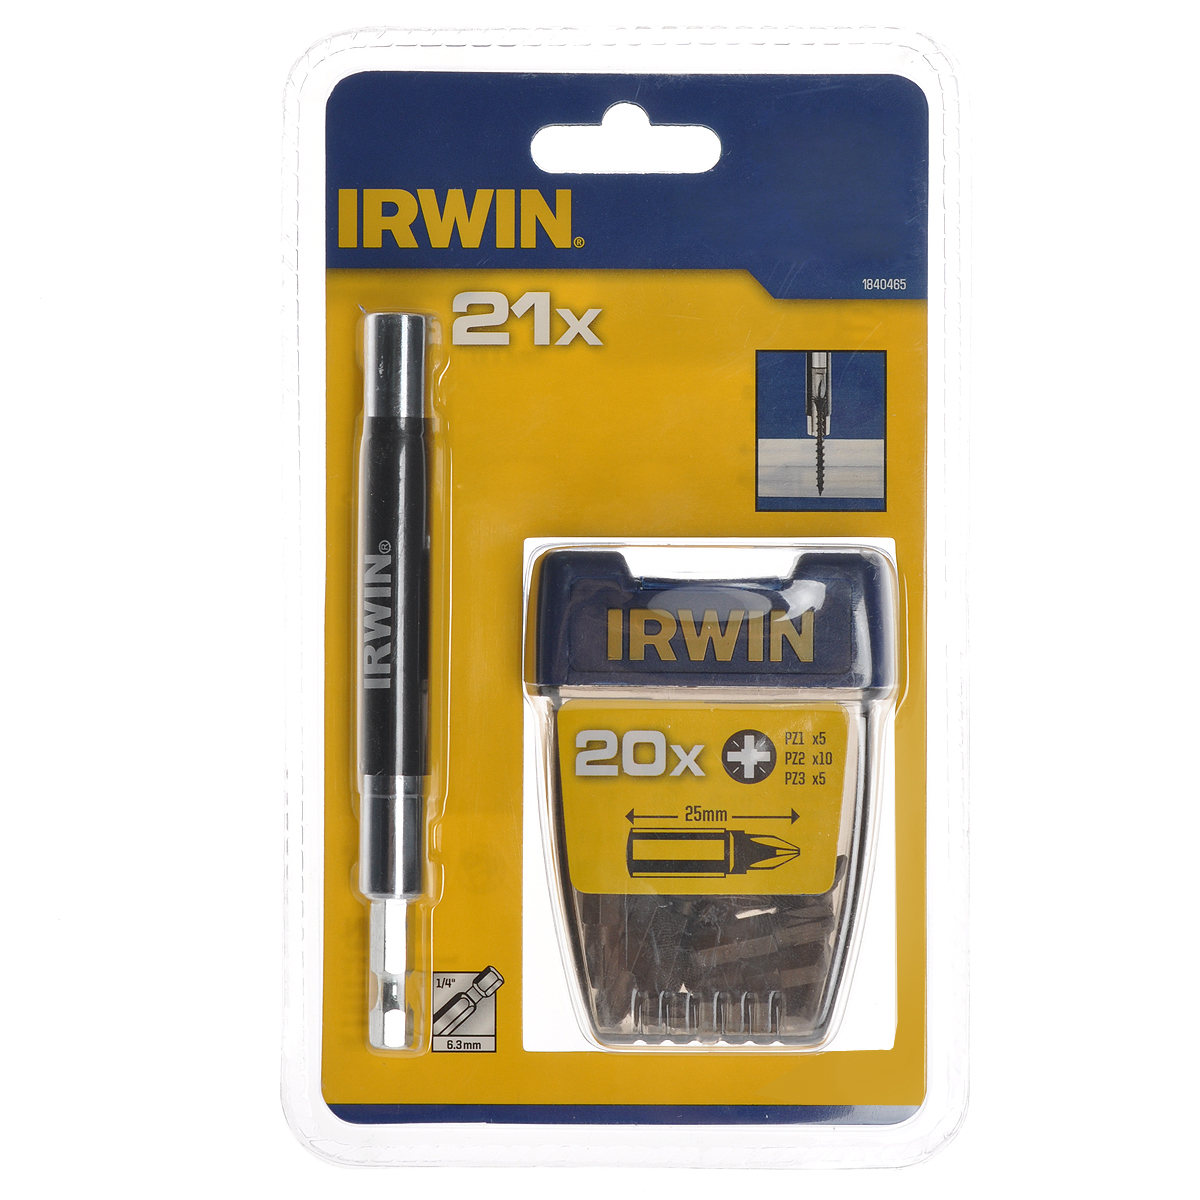 Набор бит с магнитным держателем Irwin, 1/4, 21 предмет2706 (ПО)Набор бит с магнитным держателем Irwin предназначен для монтажа/демонтажа резьбовых соединений. Магнитный держатель имеет пружину для удобства закручивания шурупов.В набор входят биты крестовые РZ1 - 5 шт, РZ2 - 10 шт, РZ3 - 5 шт, магнитный держатель 1/4длиной 12 см.